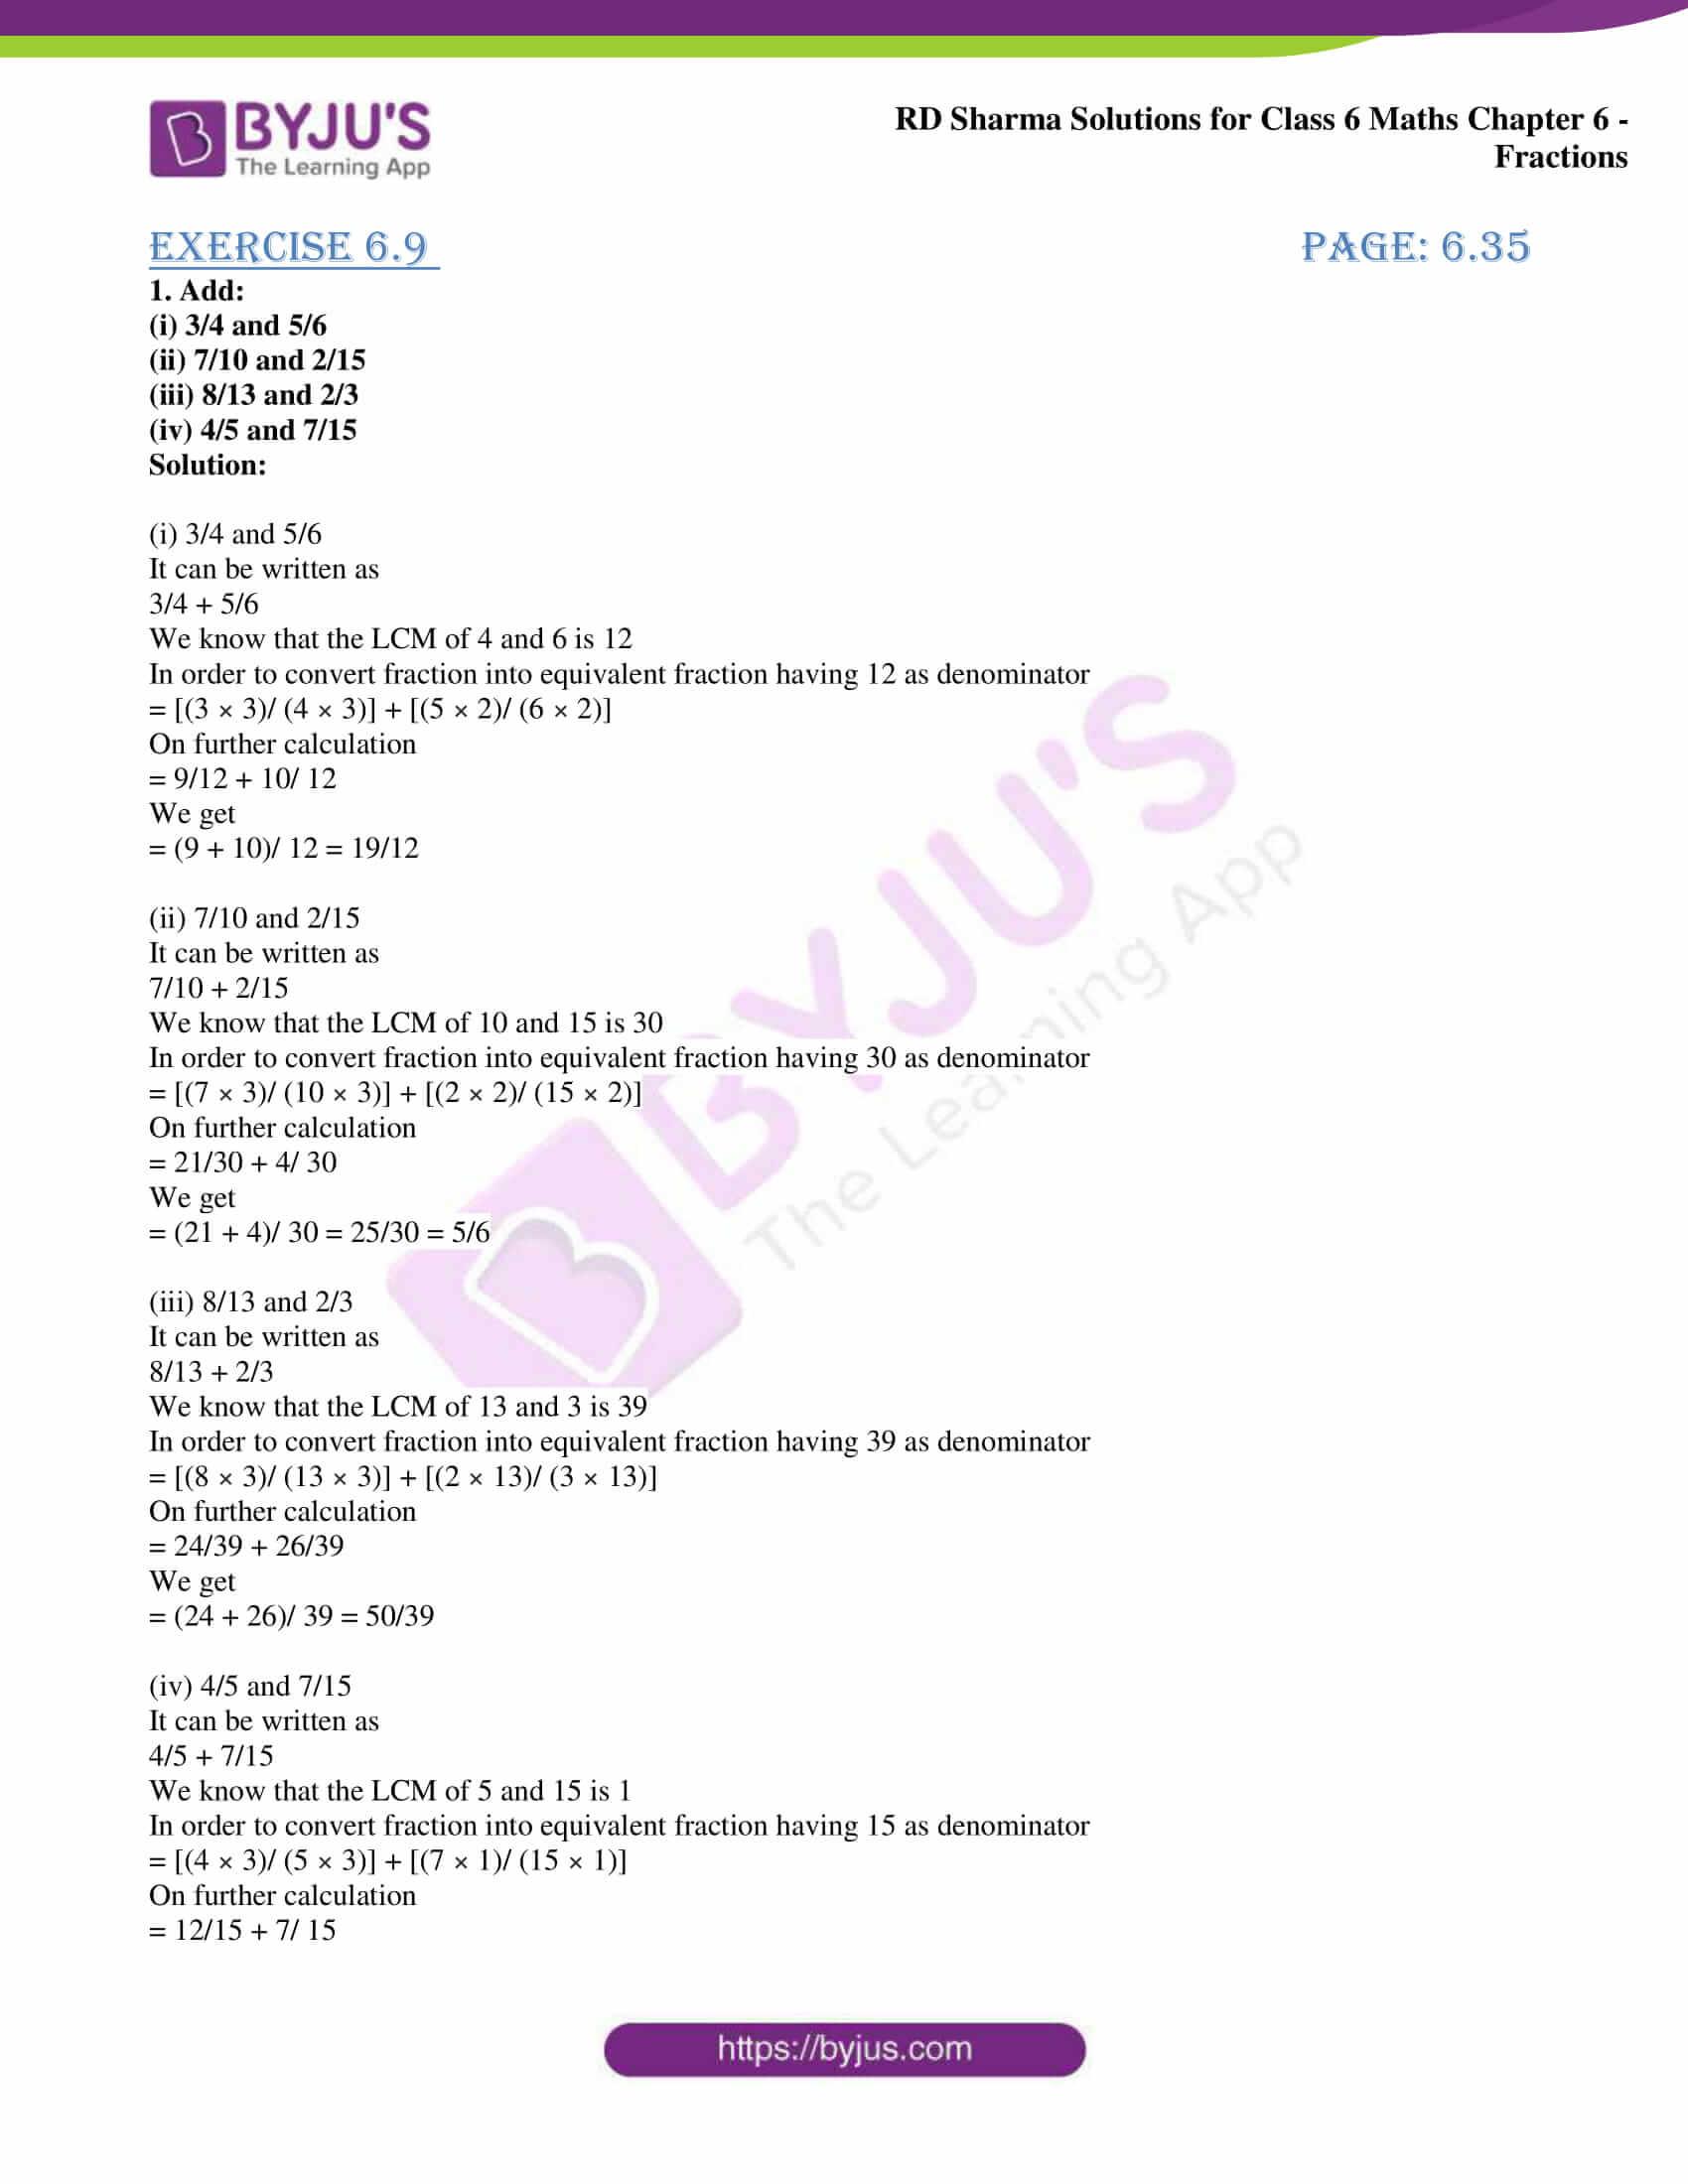 rd sharma class 6 maths solutions chapter 6 ex 9 1